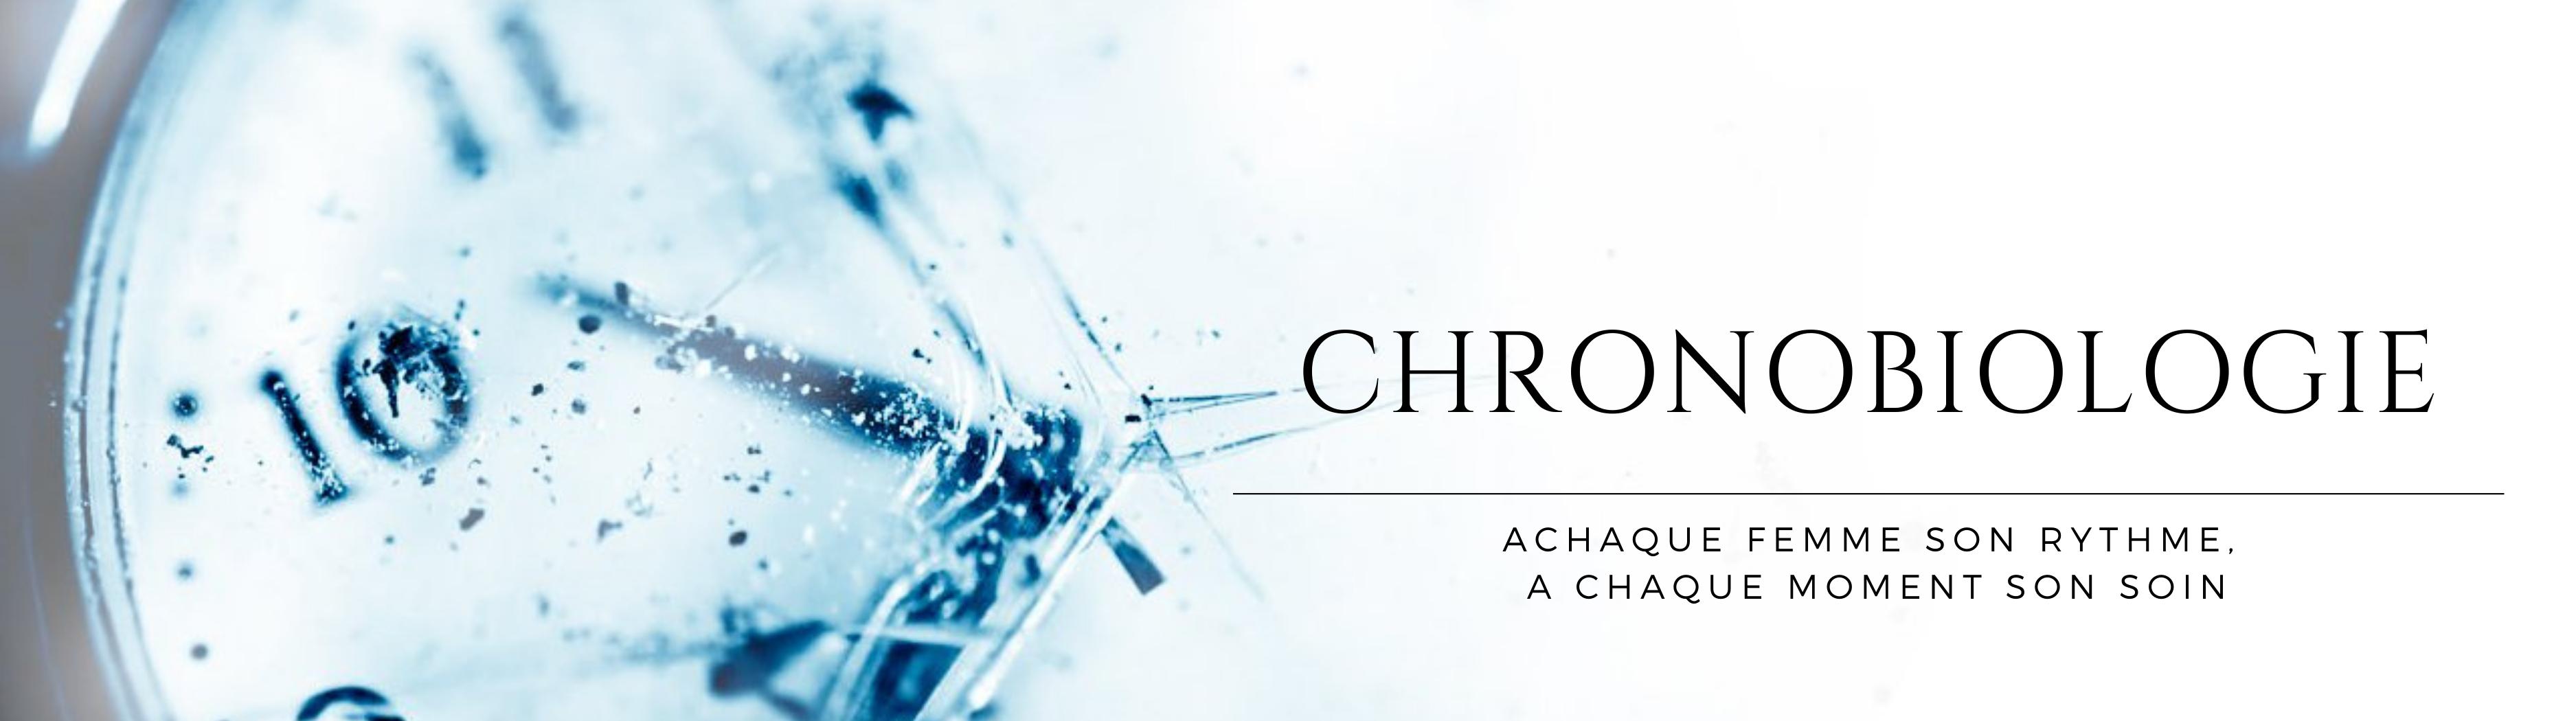 Chronobiologie cosmétiques naturels